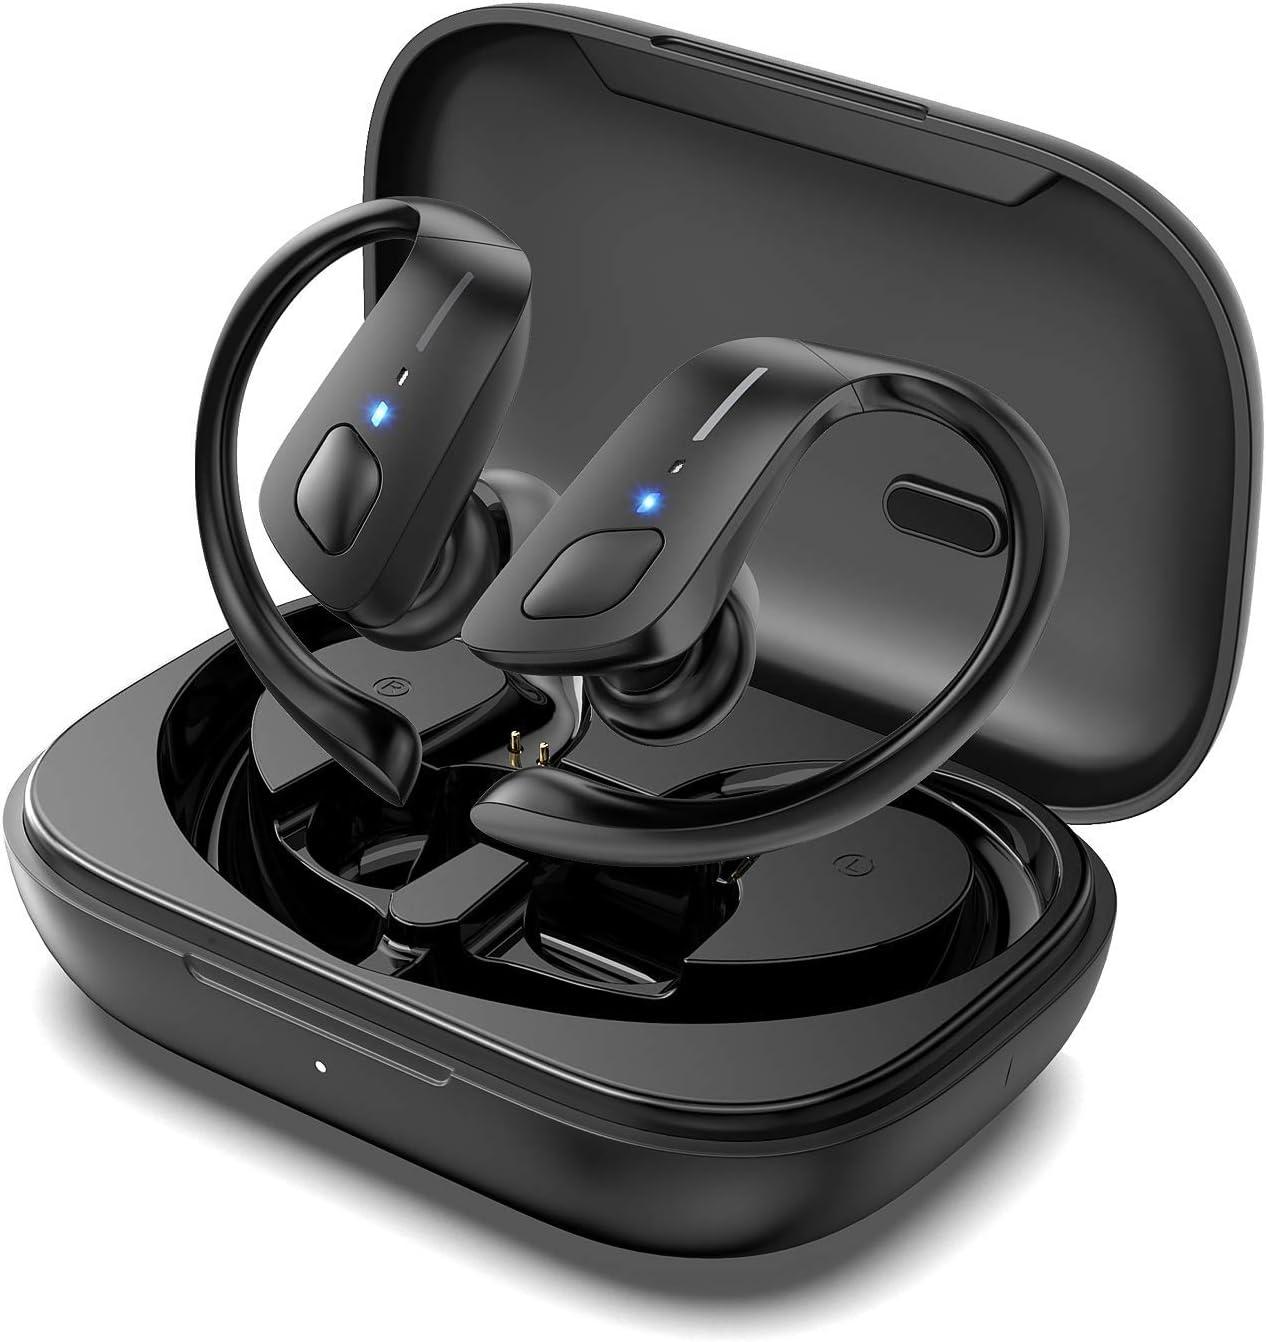 HolyHigh Auriculares Inalambricos Deportivos, Auriculares Bluetooth con Microfono IPX7 Impermeable, Auriculares Inalámbricos con 30+5H Caja de Carga Running para iOS Android